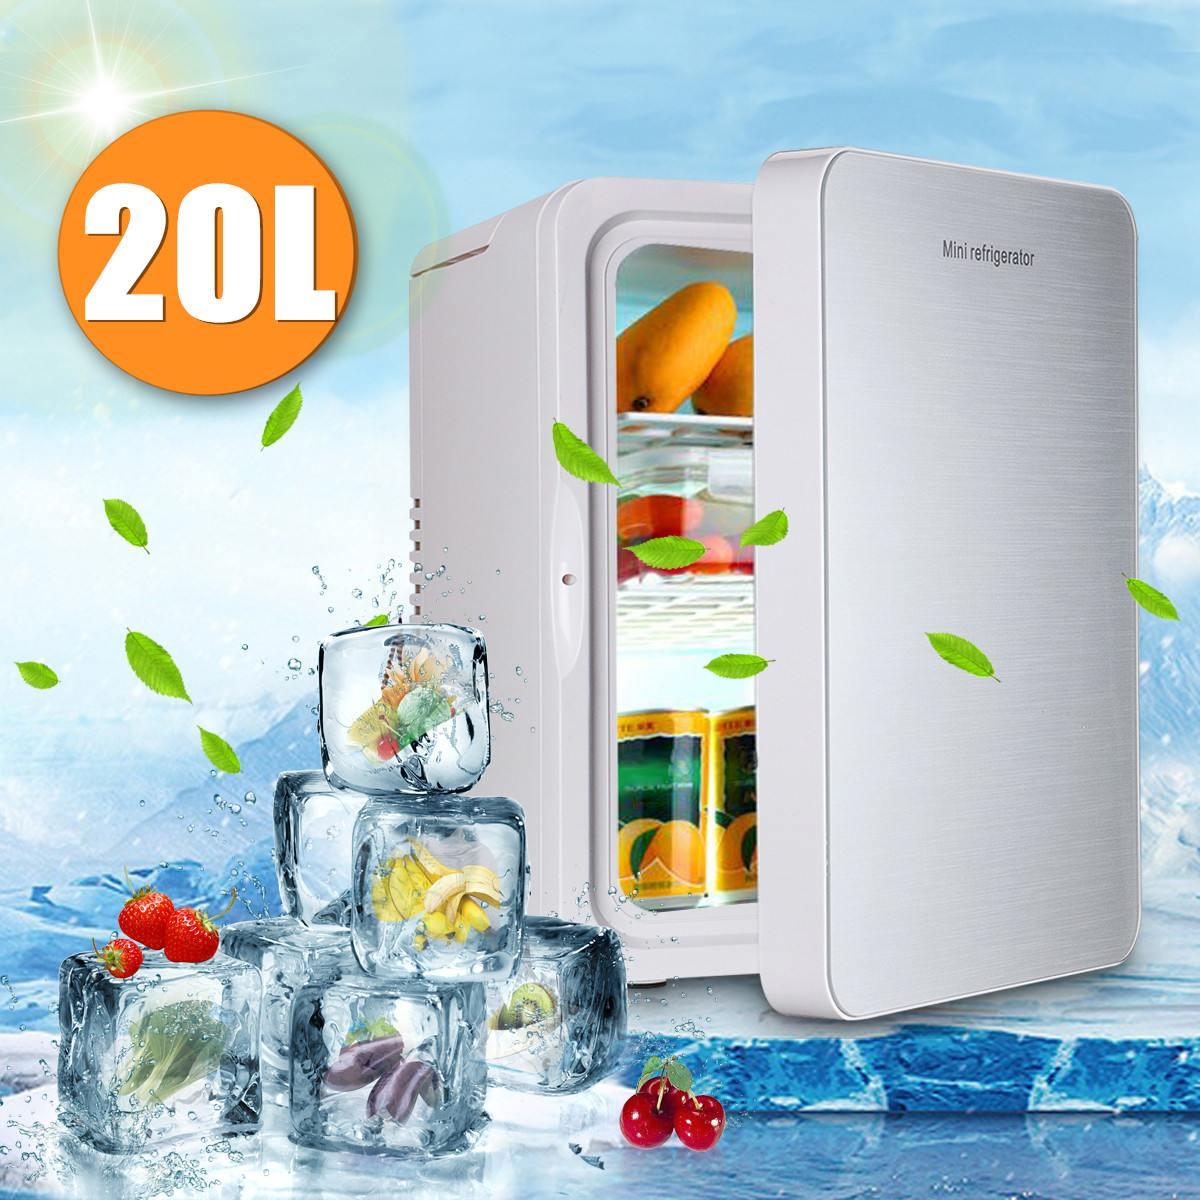 20L 12 В/220 В 56 Вт переносной мини холодильник автомобиль кемпинг домашний холодильник кулер и теплее одноядерный хорошее рассеивание тепла съ